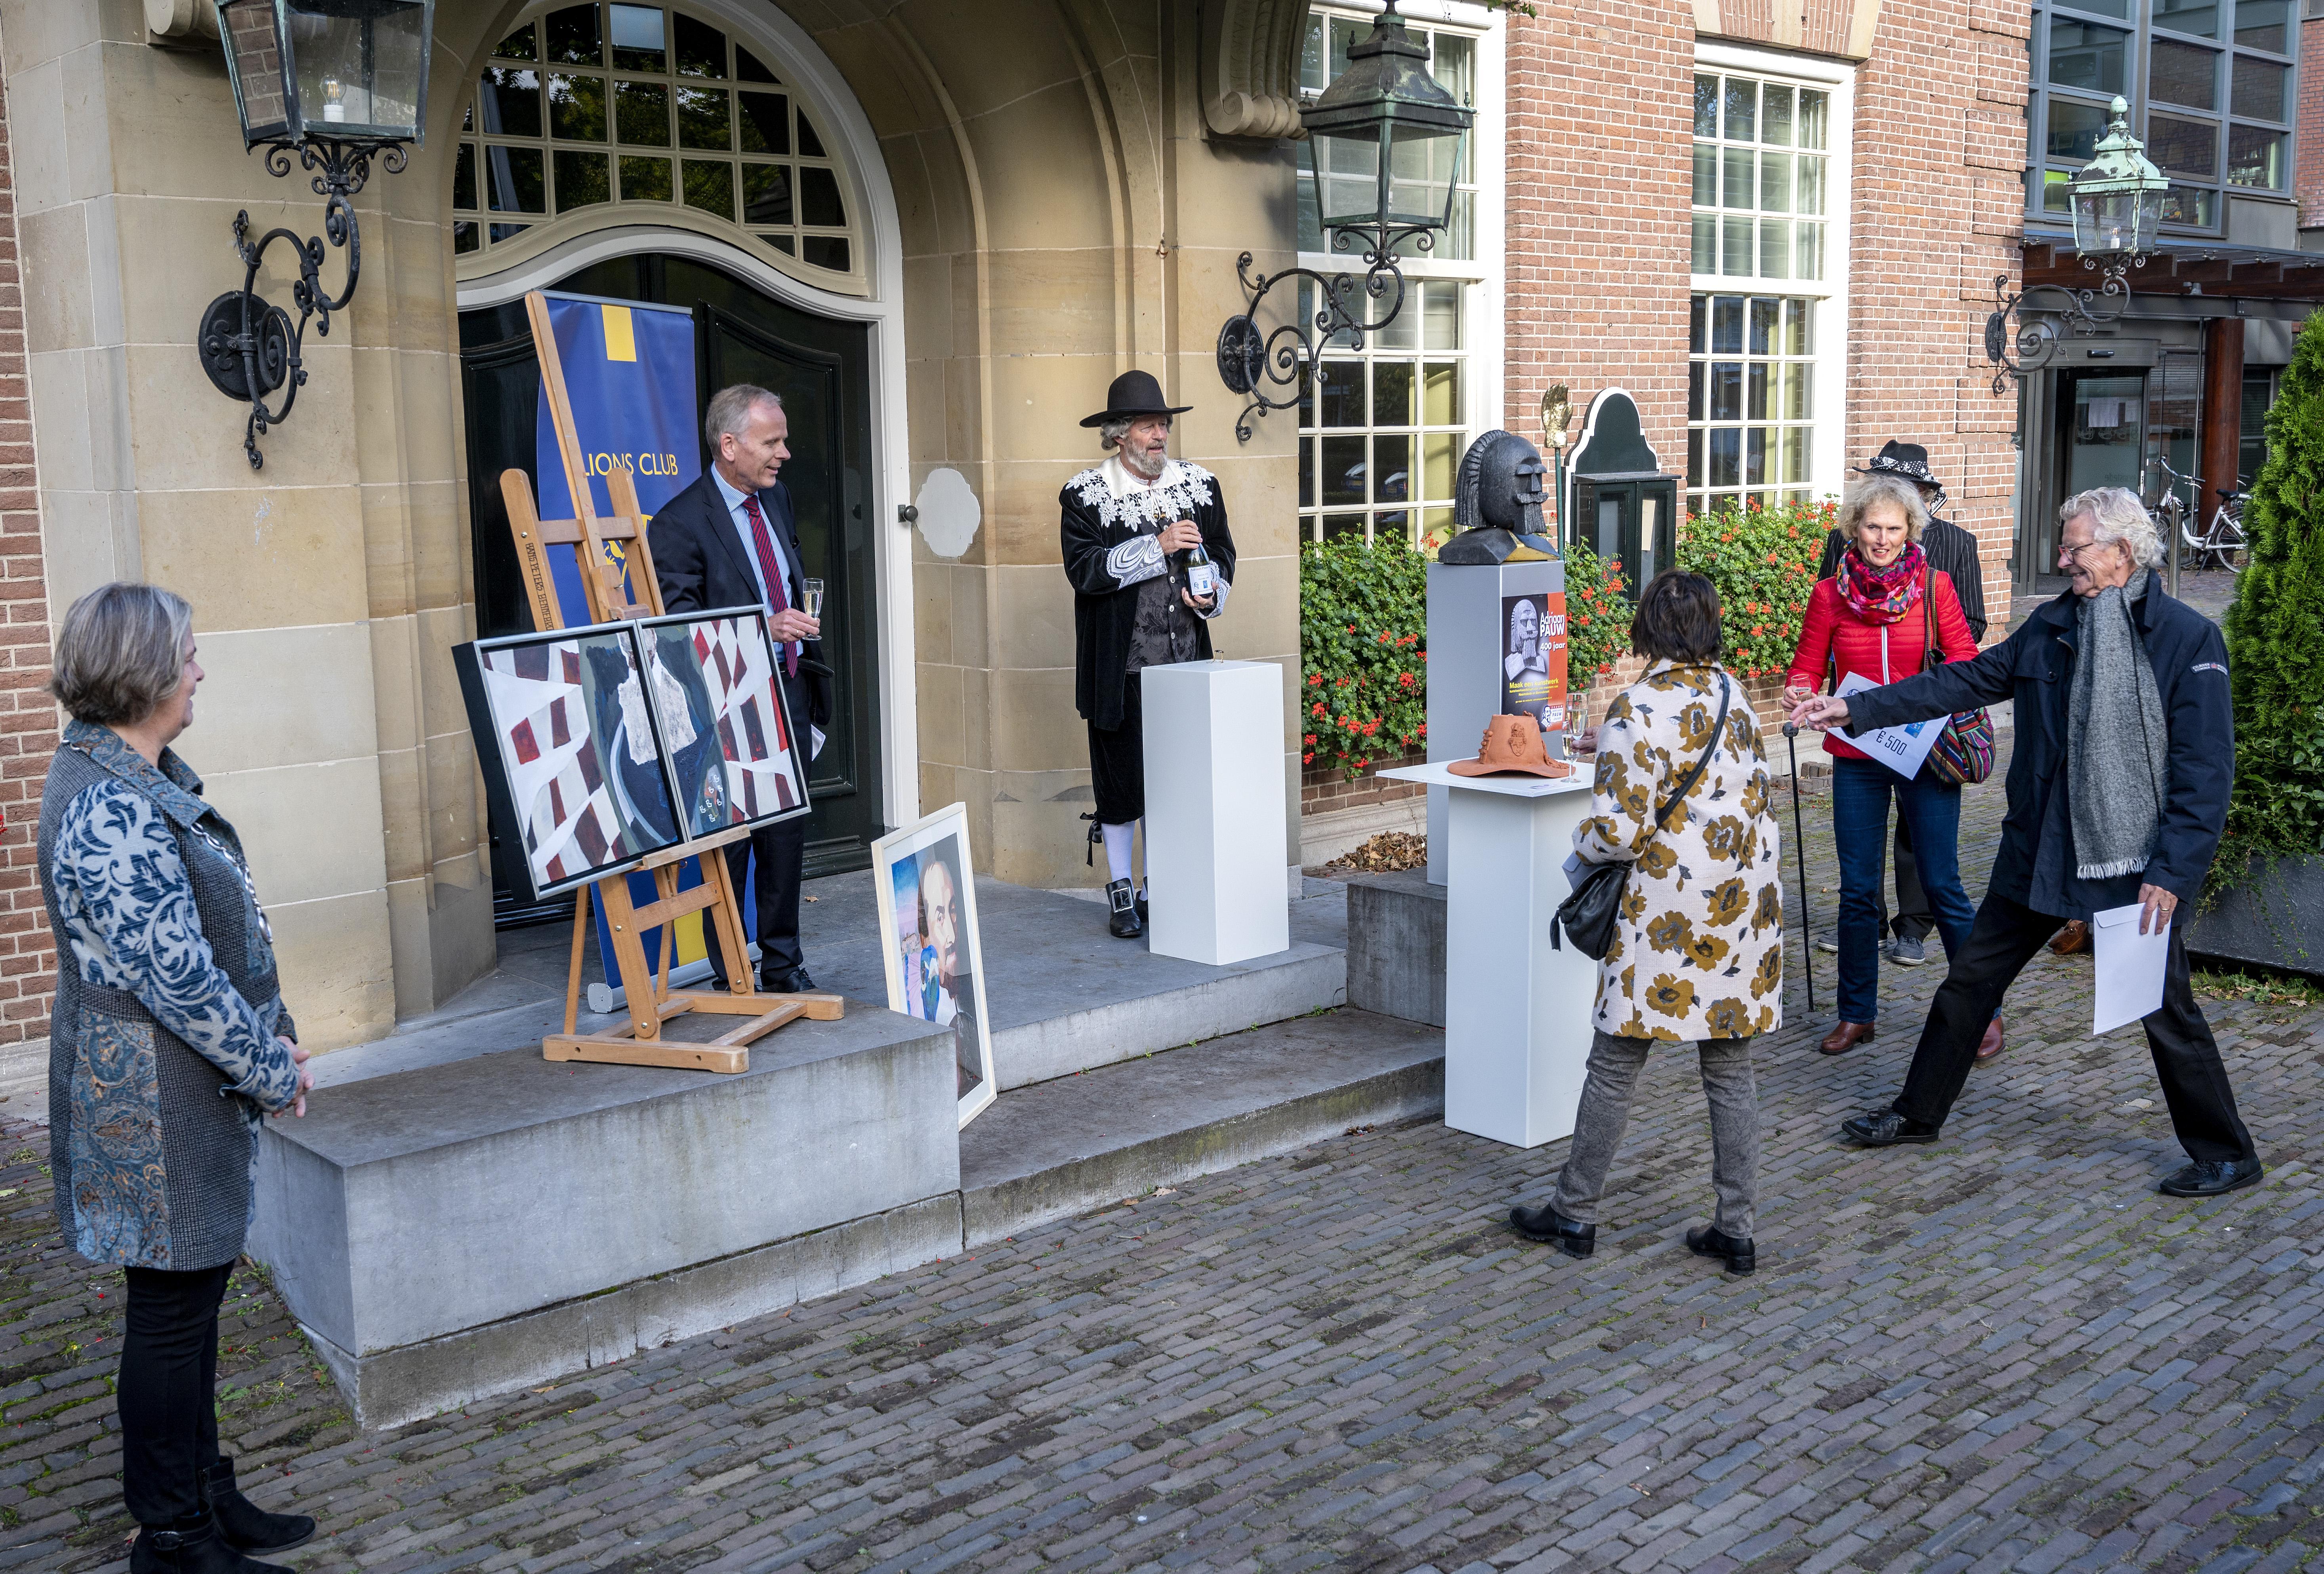 Winnaars kunstwedstrijd Adriaan Pauw in Heemstede laten fantasie de vrije loop: 'Fijne afwisseling in coronatijd'